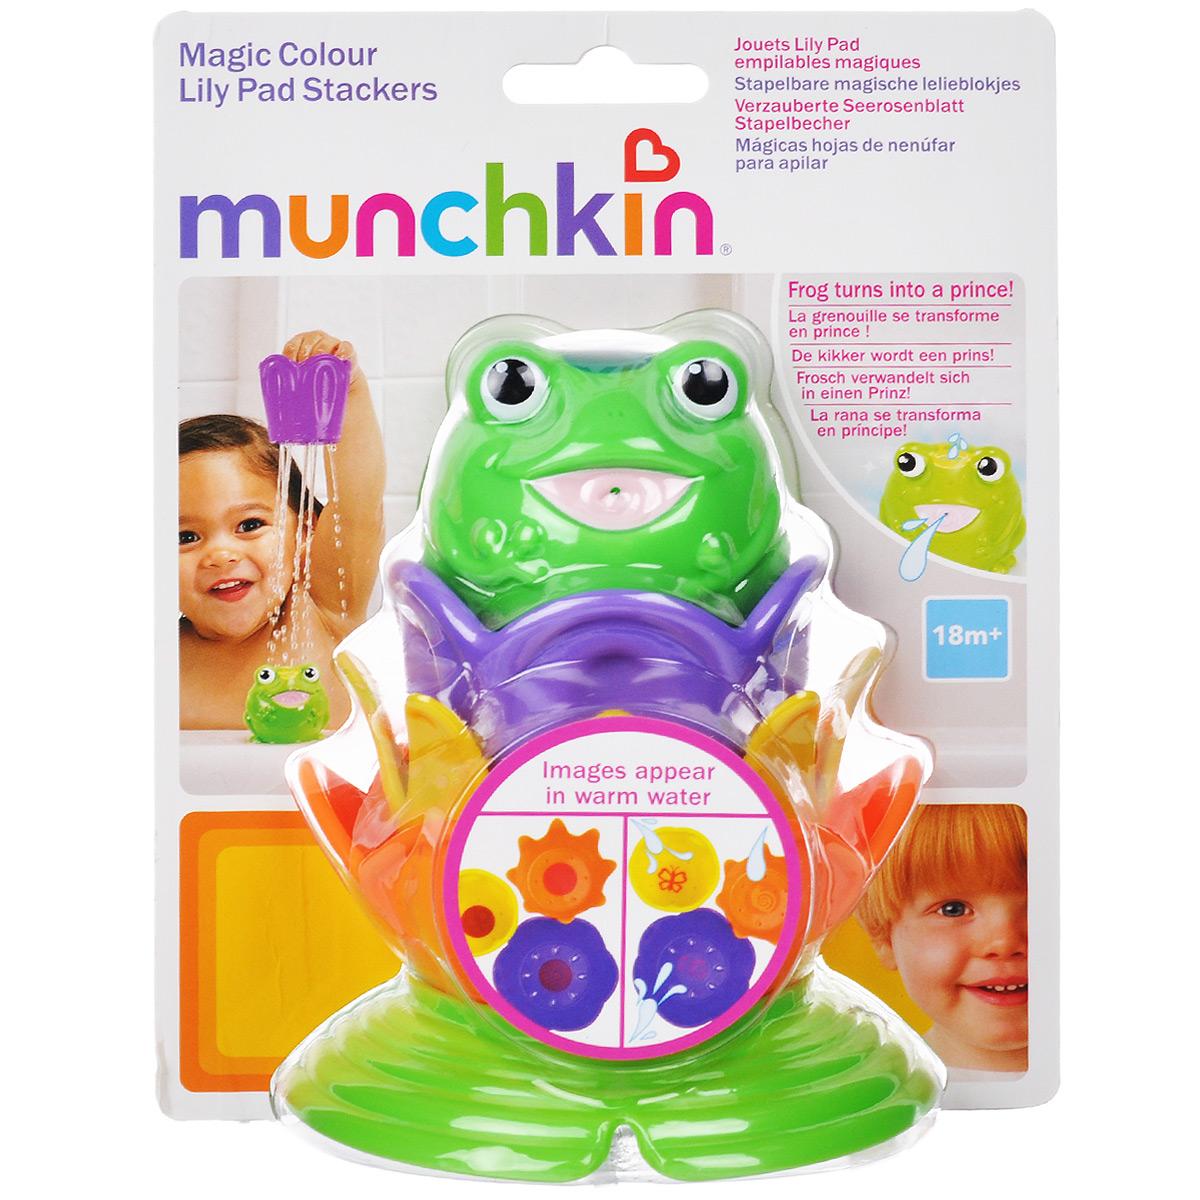 Игровой набор для ванны Munchkin Лягушка принцесса11686 NEWИгровой набор для ванны Munchkin Лягушка принцесса привлечет внимание вашего малыша и превратит купание в веселую игру. В набор входит лягушка-брызгалка и три лилии-ситечка. Малыши любят всевозможные интересные занятия в ванной и это хороший повод использовать время купания с пользой для его развития. Интересные занятия позволяют ребенку находиться в ванной с удовольствием столько времени, сколько нужно. На дне цветков имеются небольшие отверстия, через которые душиком выливается вода. Лилии складываются одна в другую. Располагая предметы в правильном порядке, ребенок получает представление о размере, форме и цвете. На лилиях-ситечках проявляются тайные изображения при погружении в теплую воду. А игрушка-брызгалка в виде лягушки превратится в принцессу, как только на ее голове появится корона. Рисунки снова пропадают, когда игрушки высыхают. Если в лягушку набрать воды, а потом нажать на нее, то из ее рта брызнет тонкая струйка воды, что несомненно позабавит кроху. ...